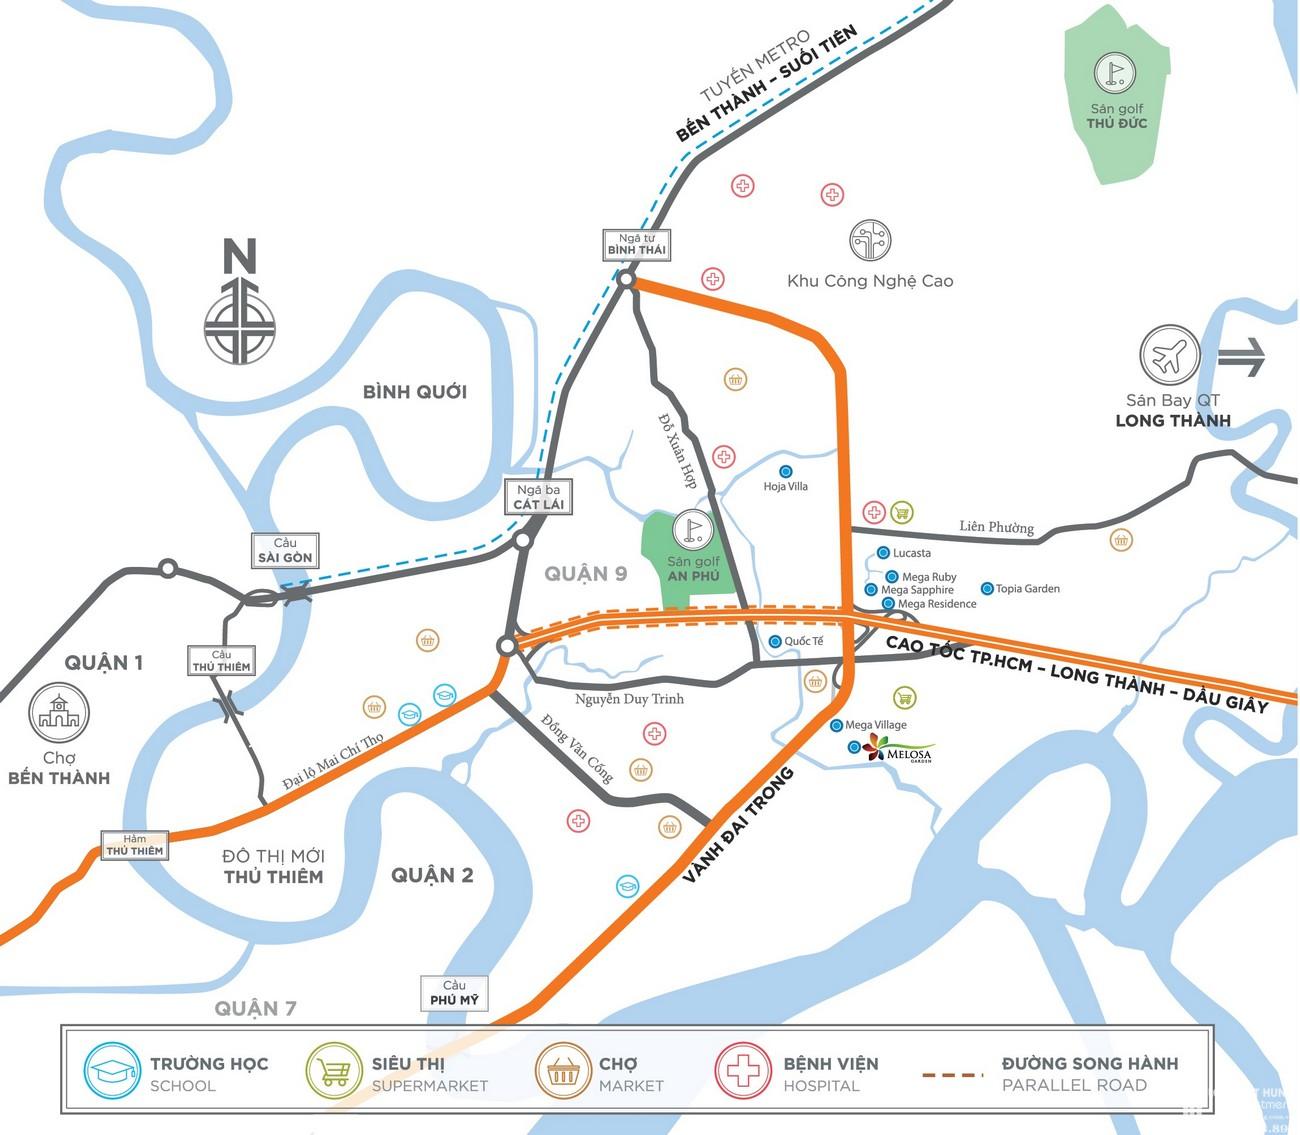 Vị trí địa chỉ dự án nhà phố Melosa Garden Quận 9 Đường Vành Đai Trong chủ đầu tư Khang Điền